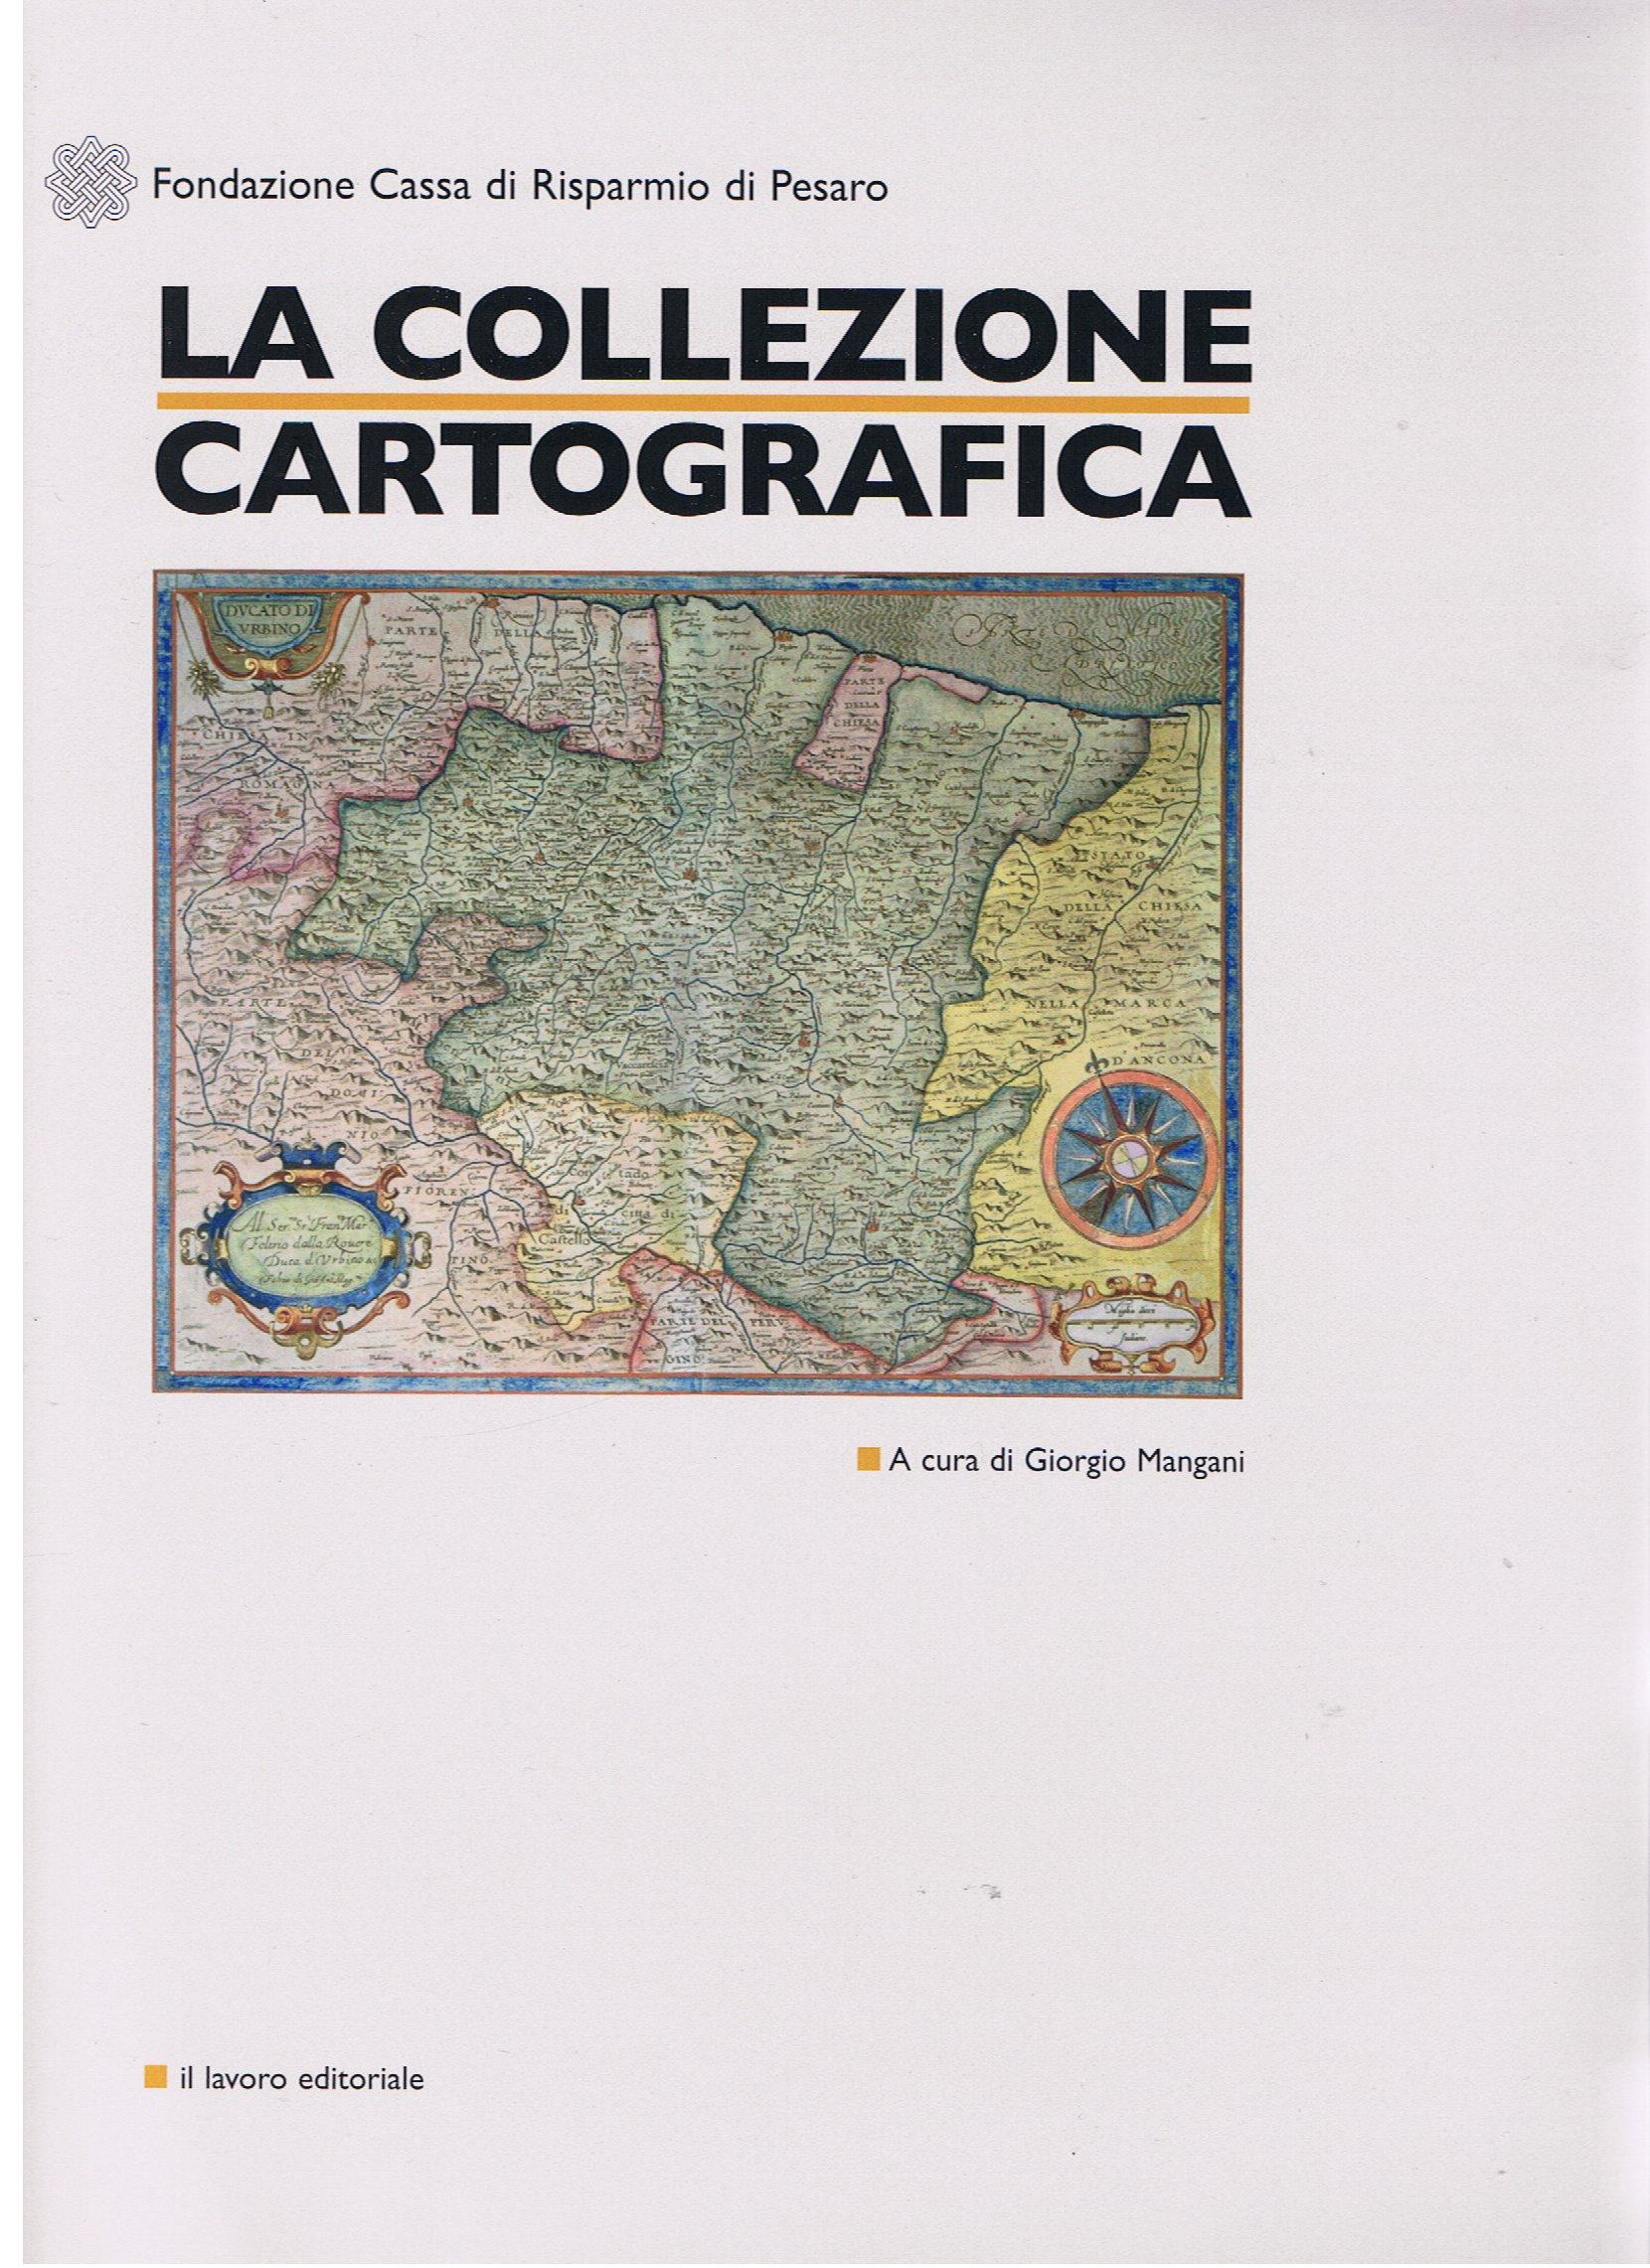 La collezione cartografica